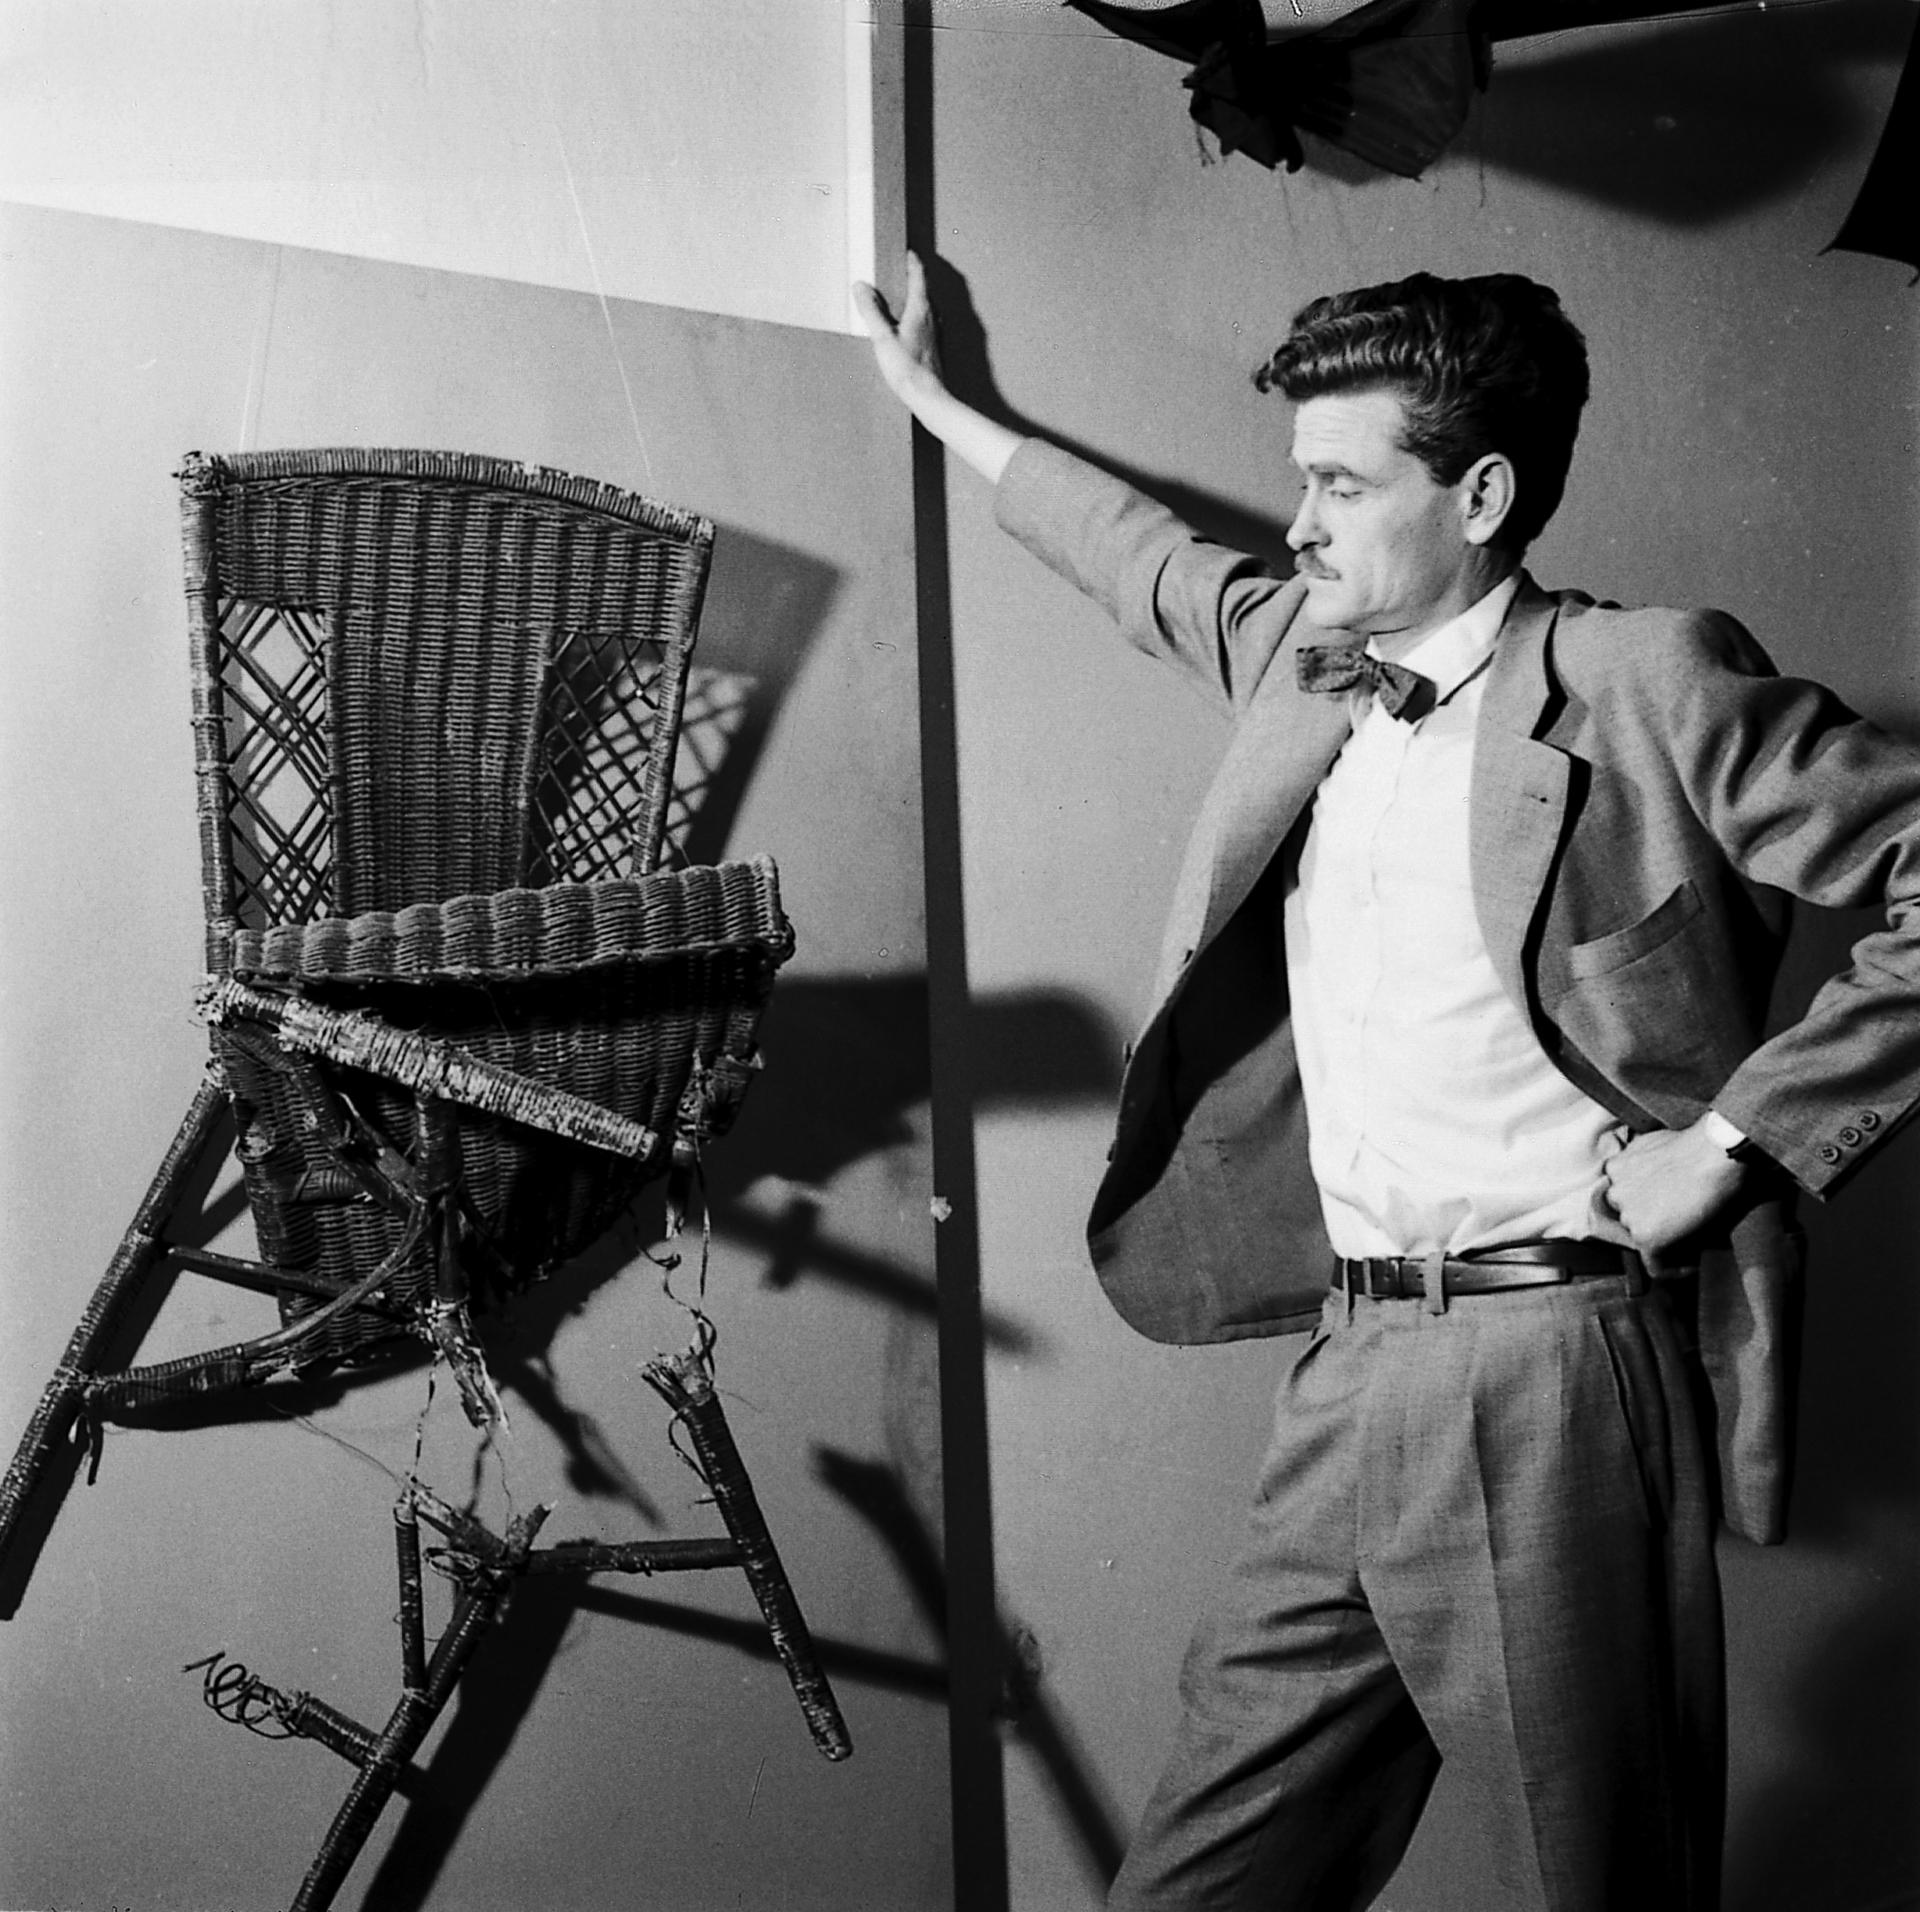 """Kenneth Kemble frente a uno de los objetos expuestos en """"Arte destructivo"""", Galería Lirolay, en 1961 (Jorge Roiger)"""